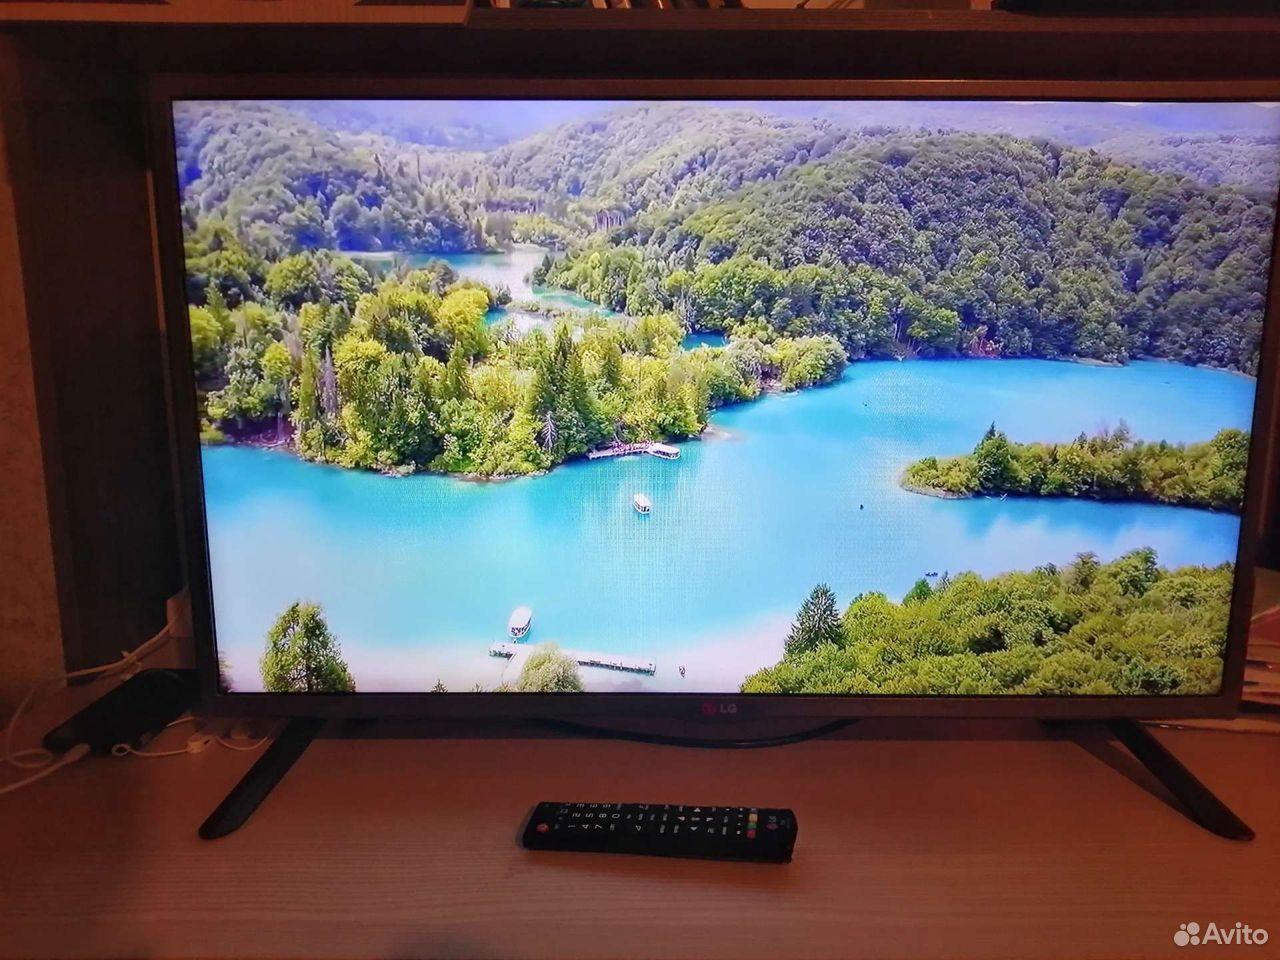 Телевизор ЖК LG 32 с цифровым  89080002239 купить 4